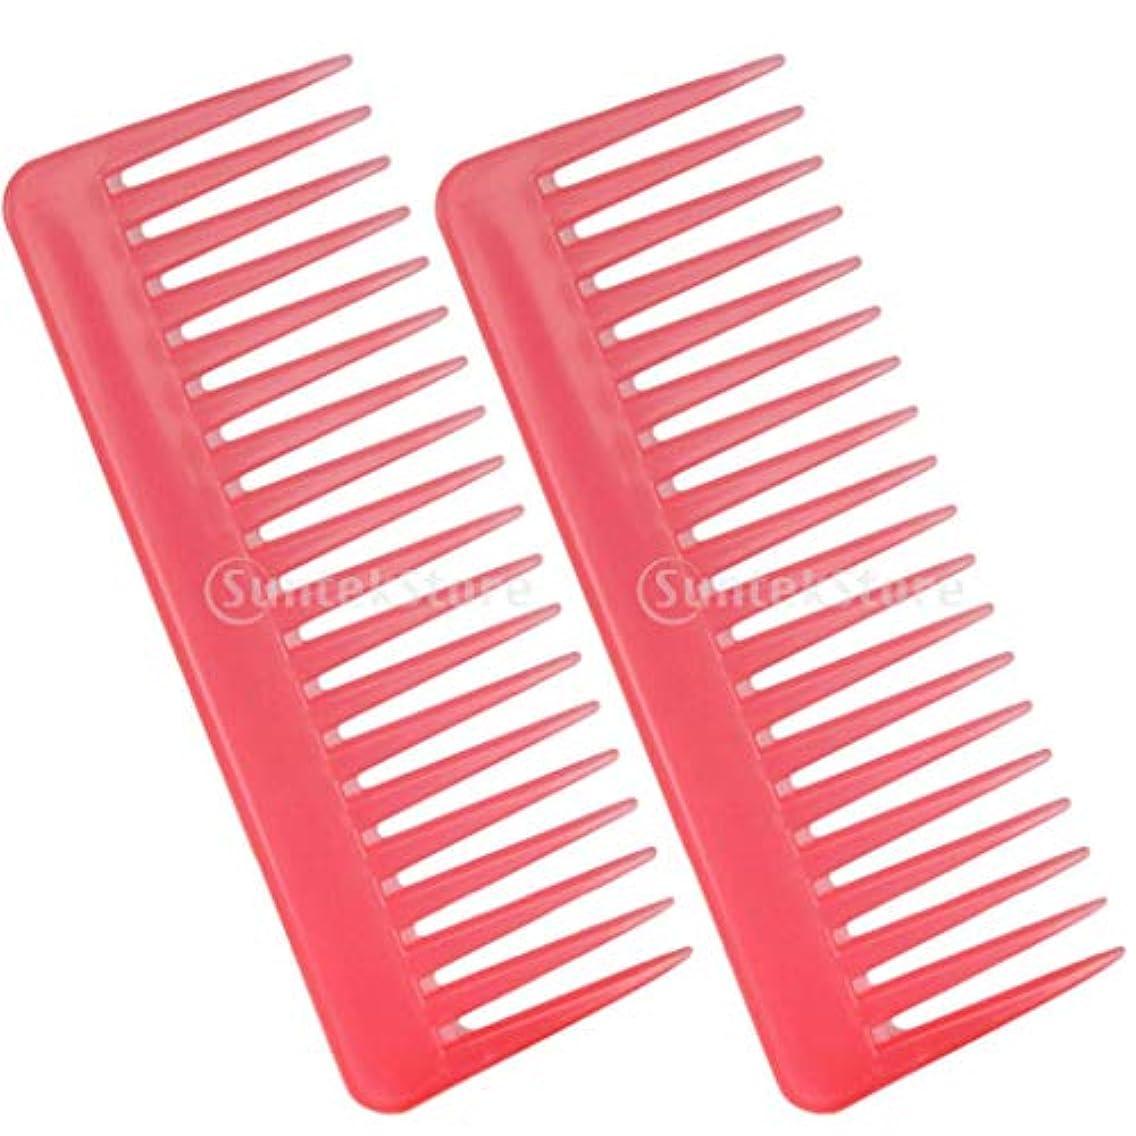 常識説明するおとなしいToygogo カーリー太い髪のピンクのための2本の広い歯デタングラーサロンシャンプーブラシコーム